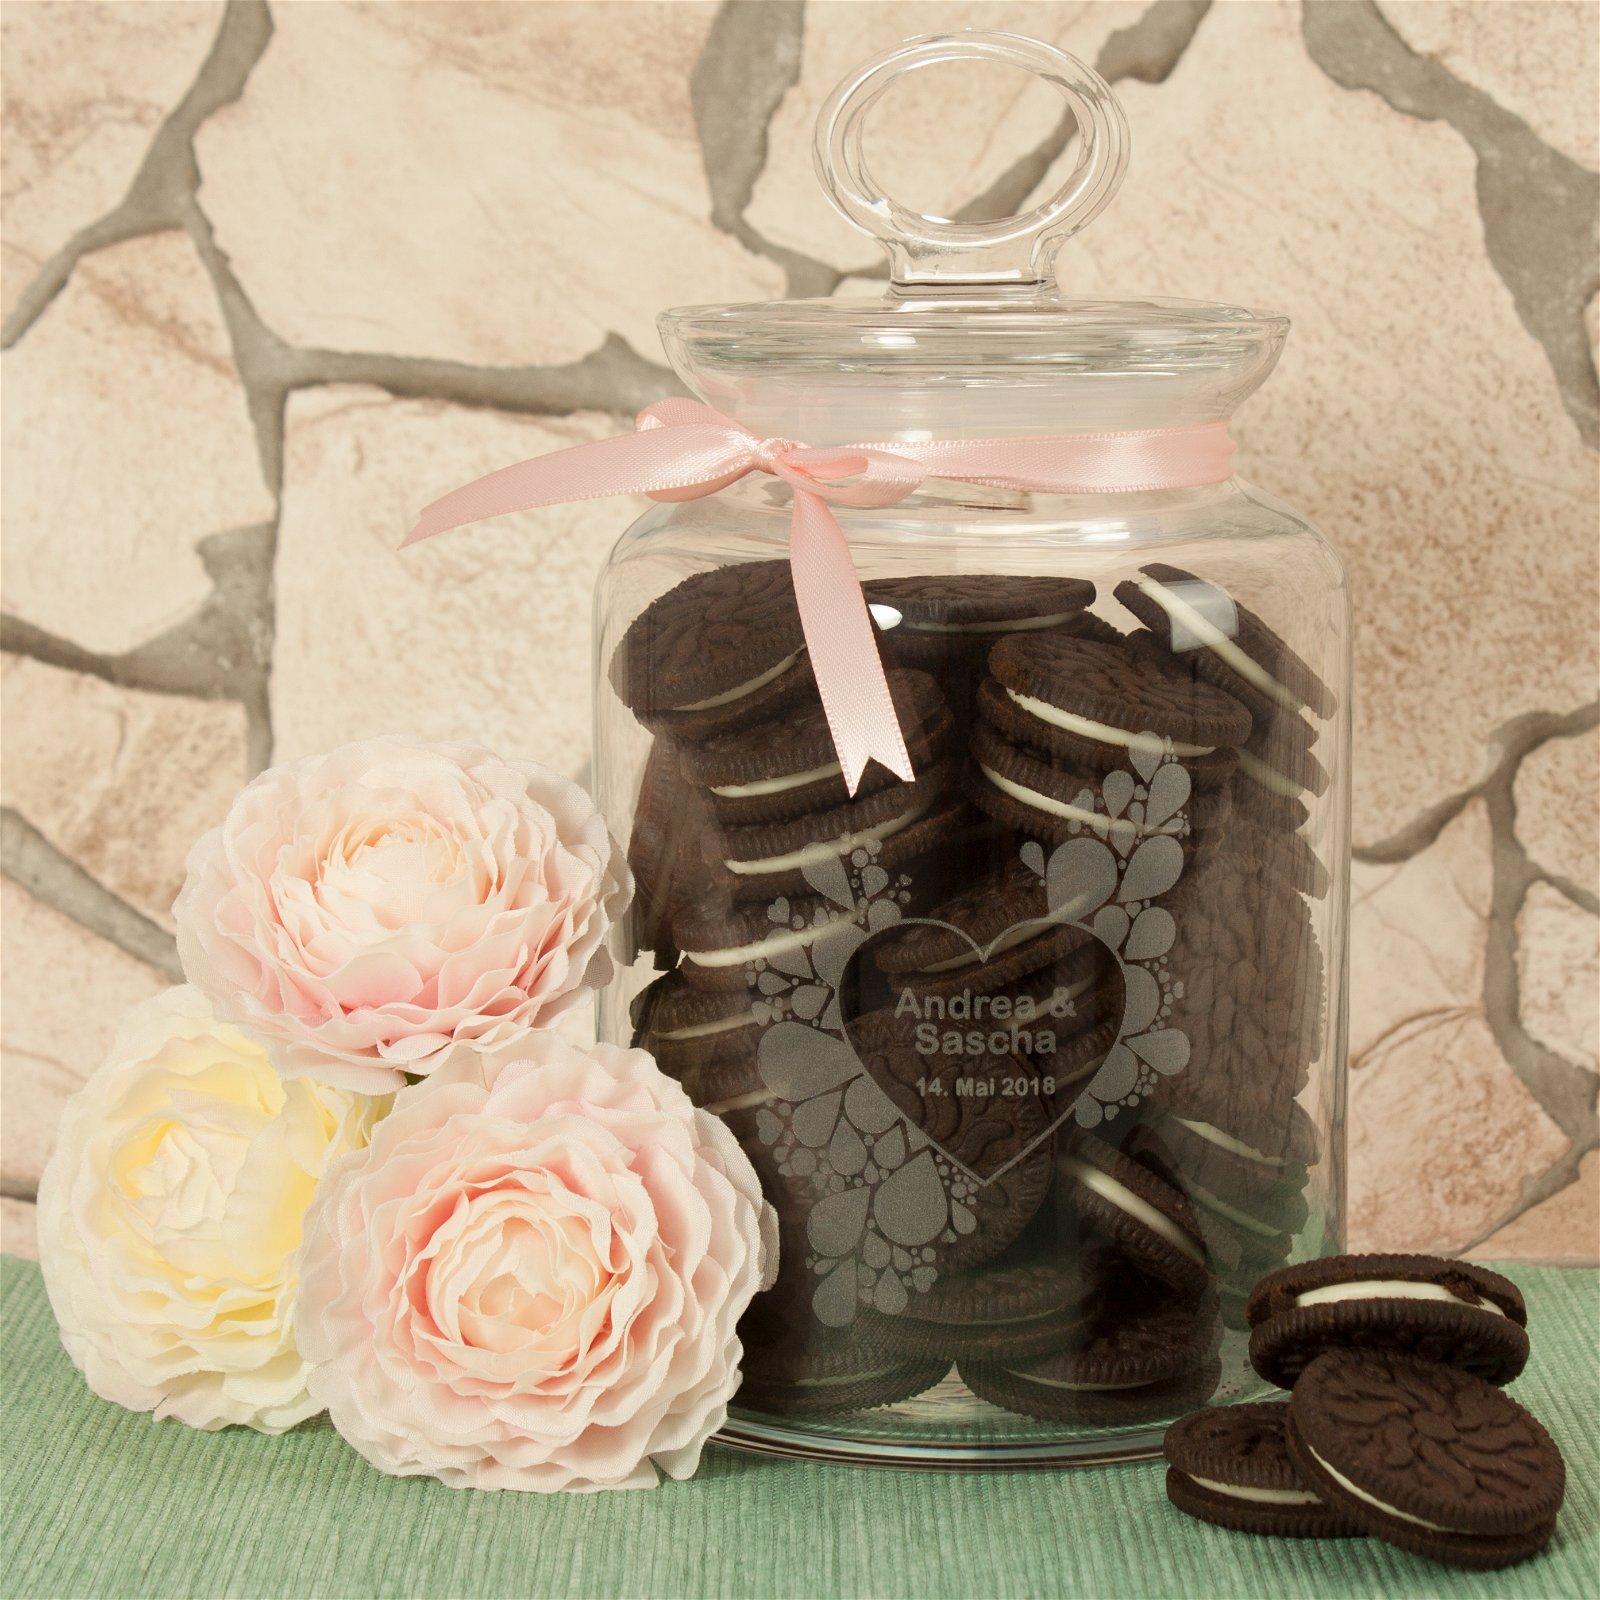 222 Romantische Geschenke Für Verliebte Zum Valentinstag